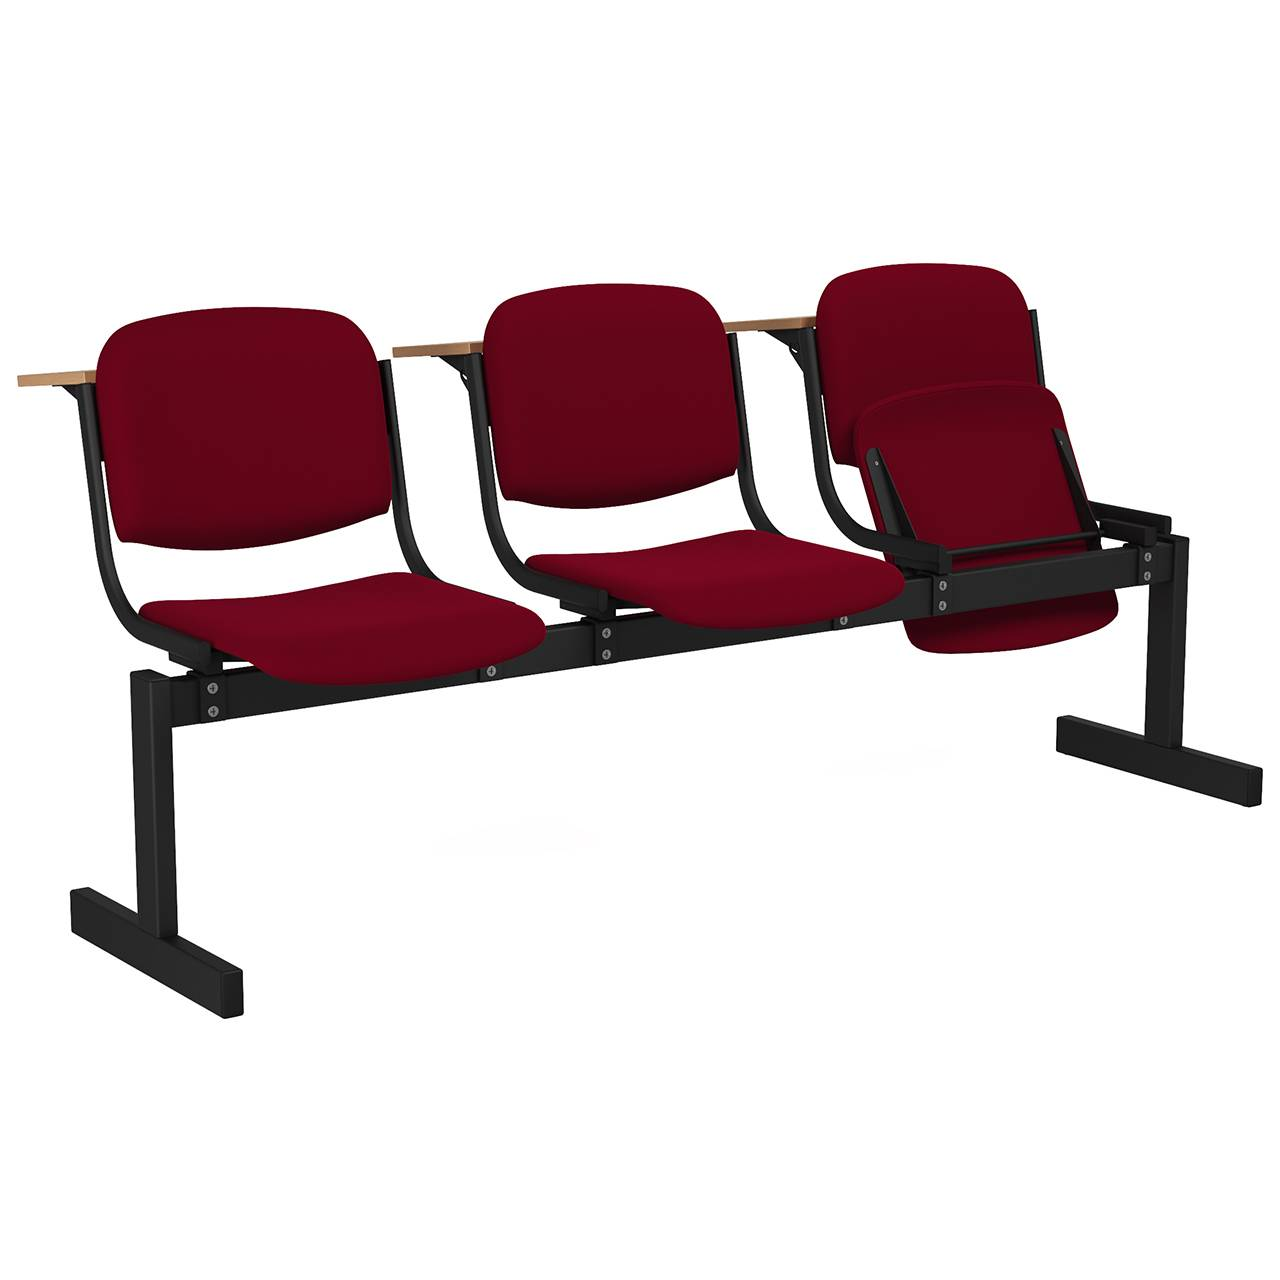 3-местный, откидывающиеся сиденья, мягкий, лекционный черный бордо Флок